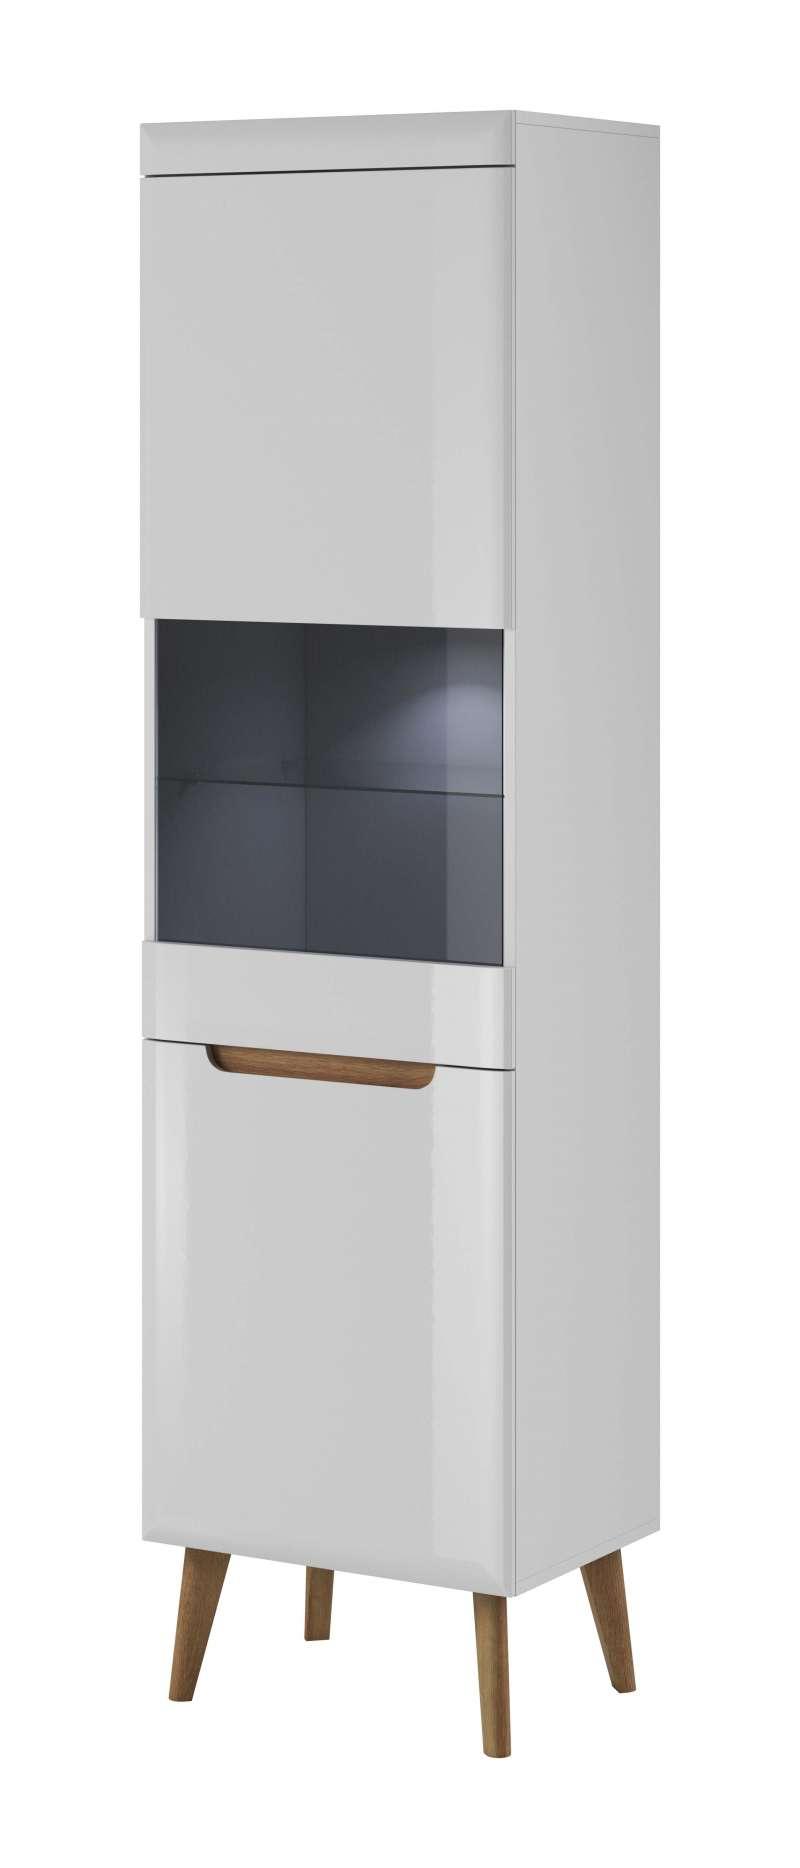 Vitrină înaltă cu uși Alix 197x53x40 cm pal/ mdf/ lemn de stejar/sticla maro/ alb